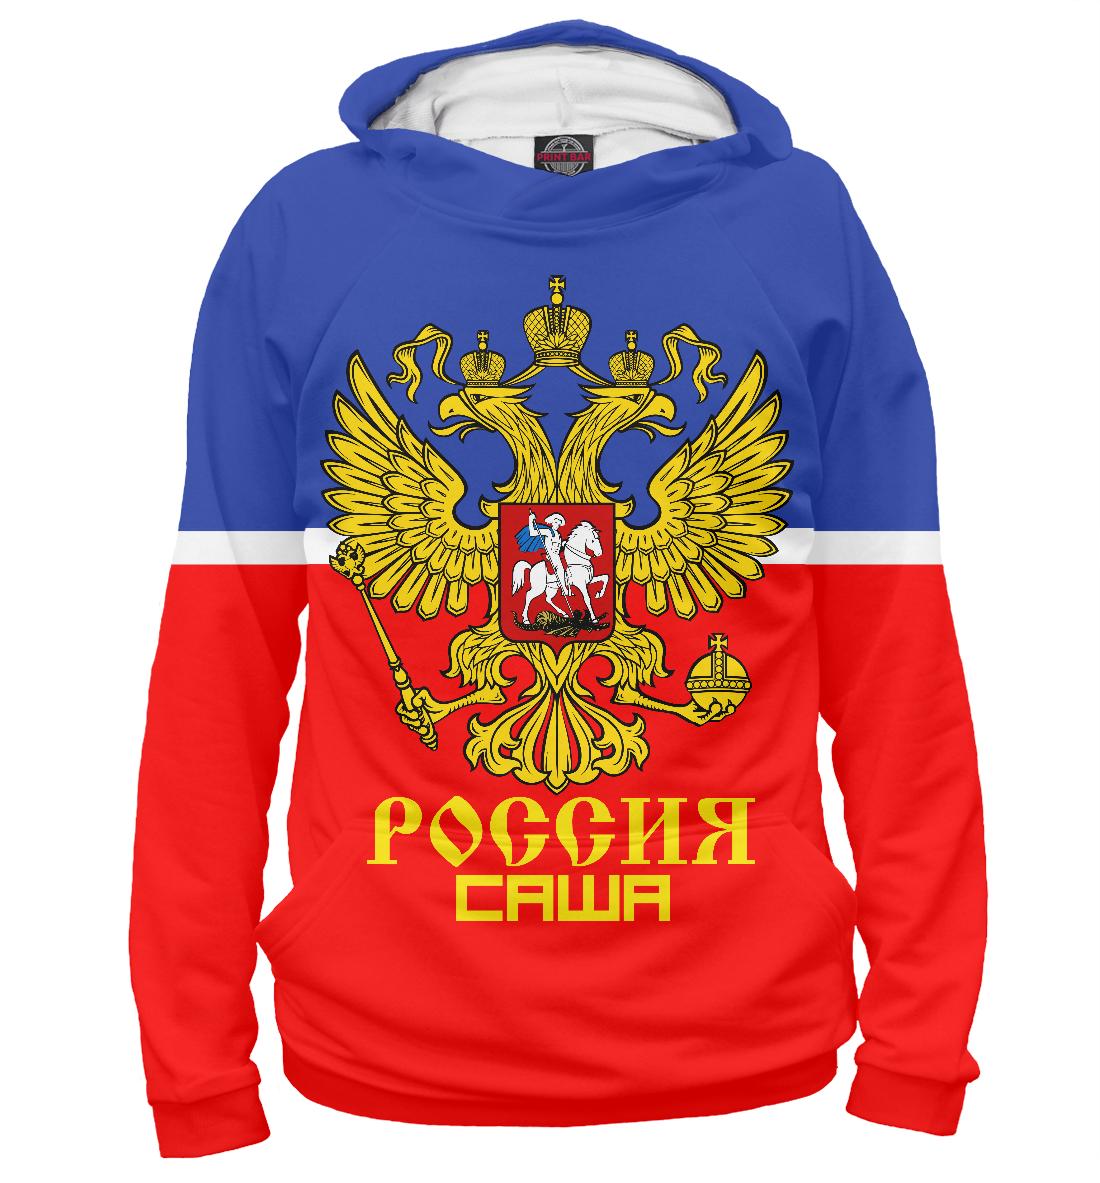 Купить Саша Sport Uniform, Printbar, Худи, ALX-178171-hud-1